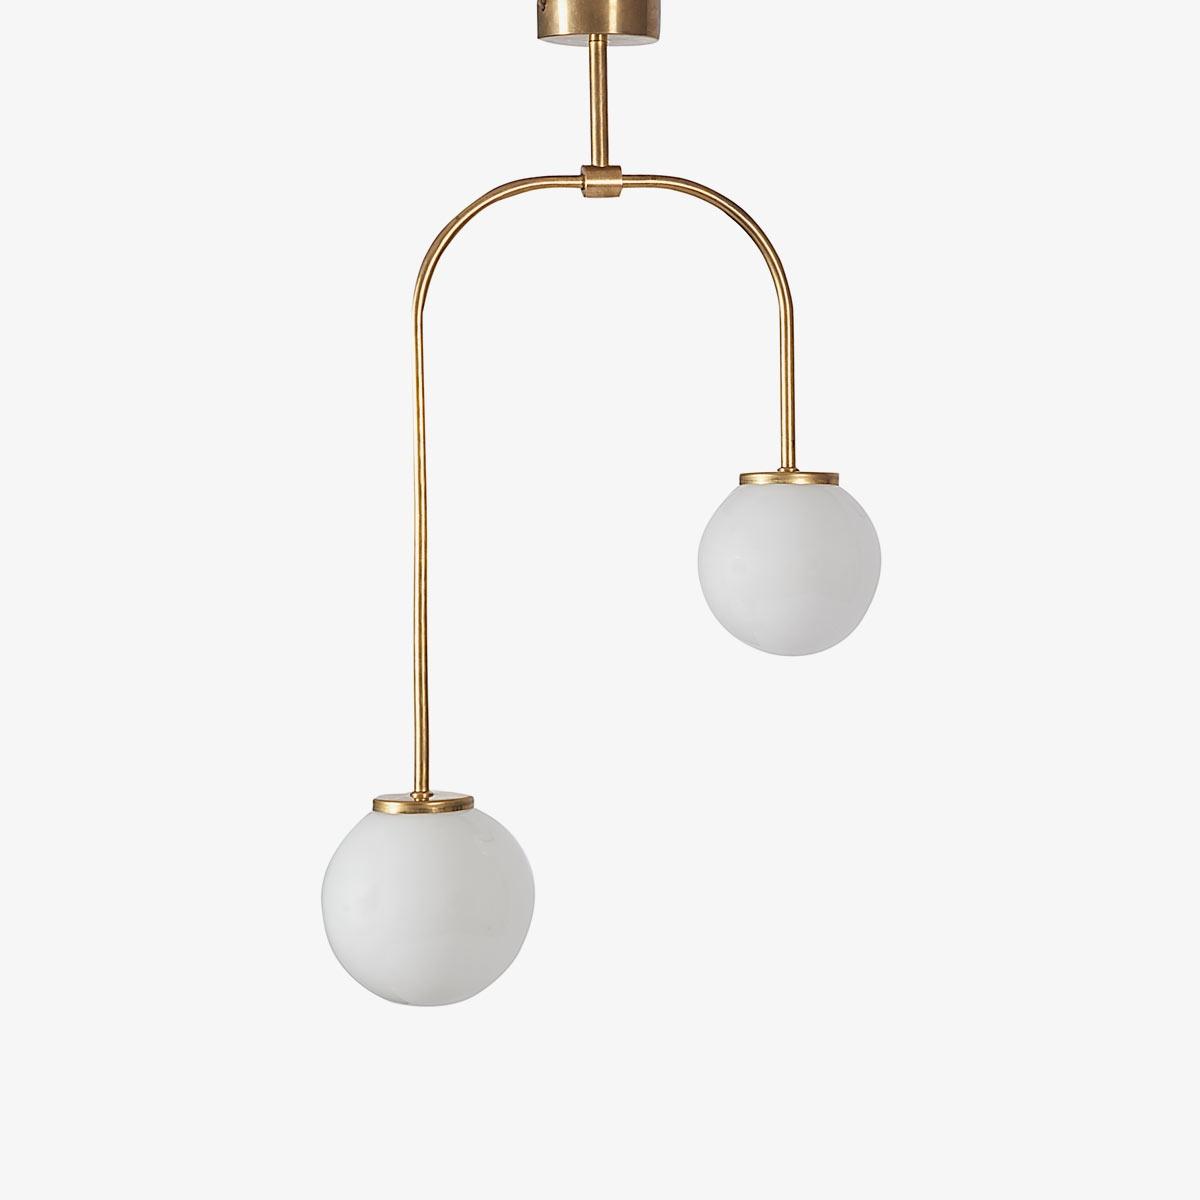 Plafón custom dos luces latón | L&A Selection